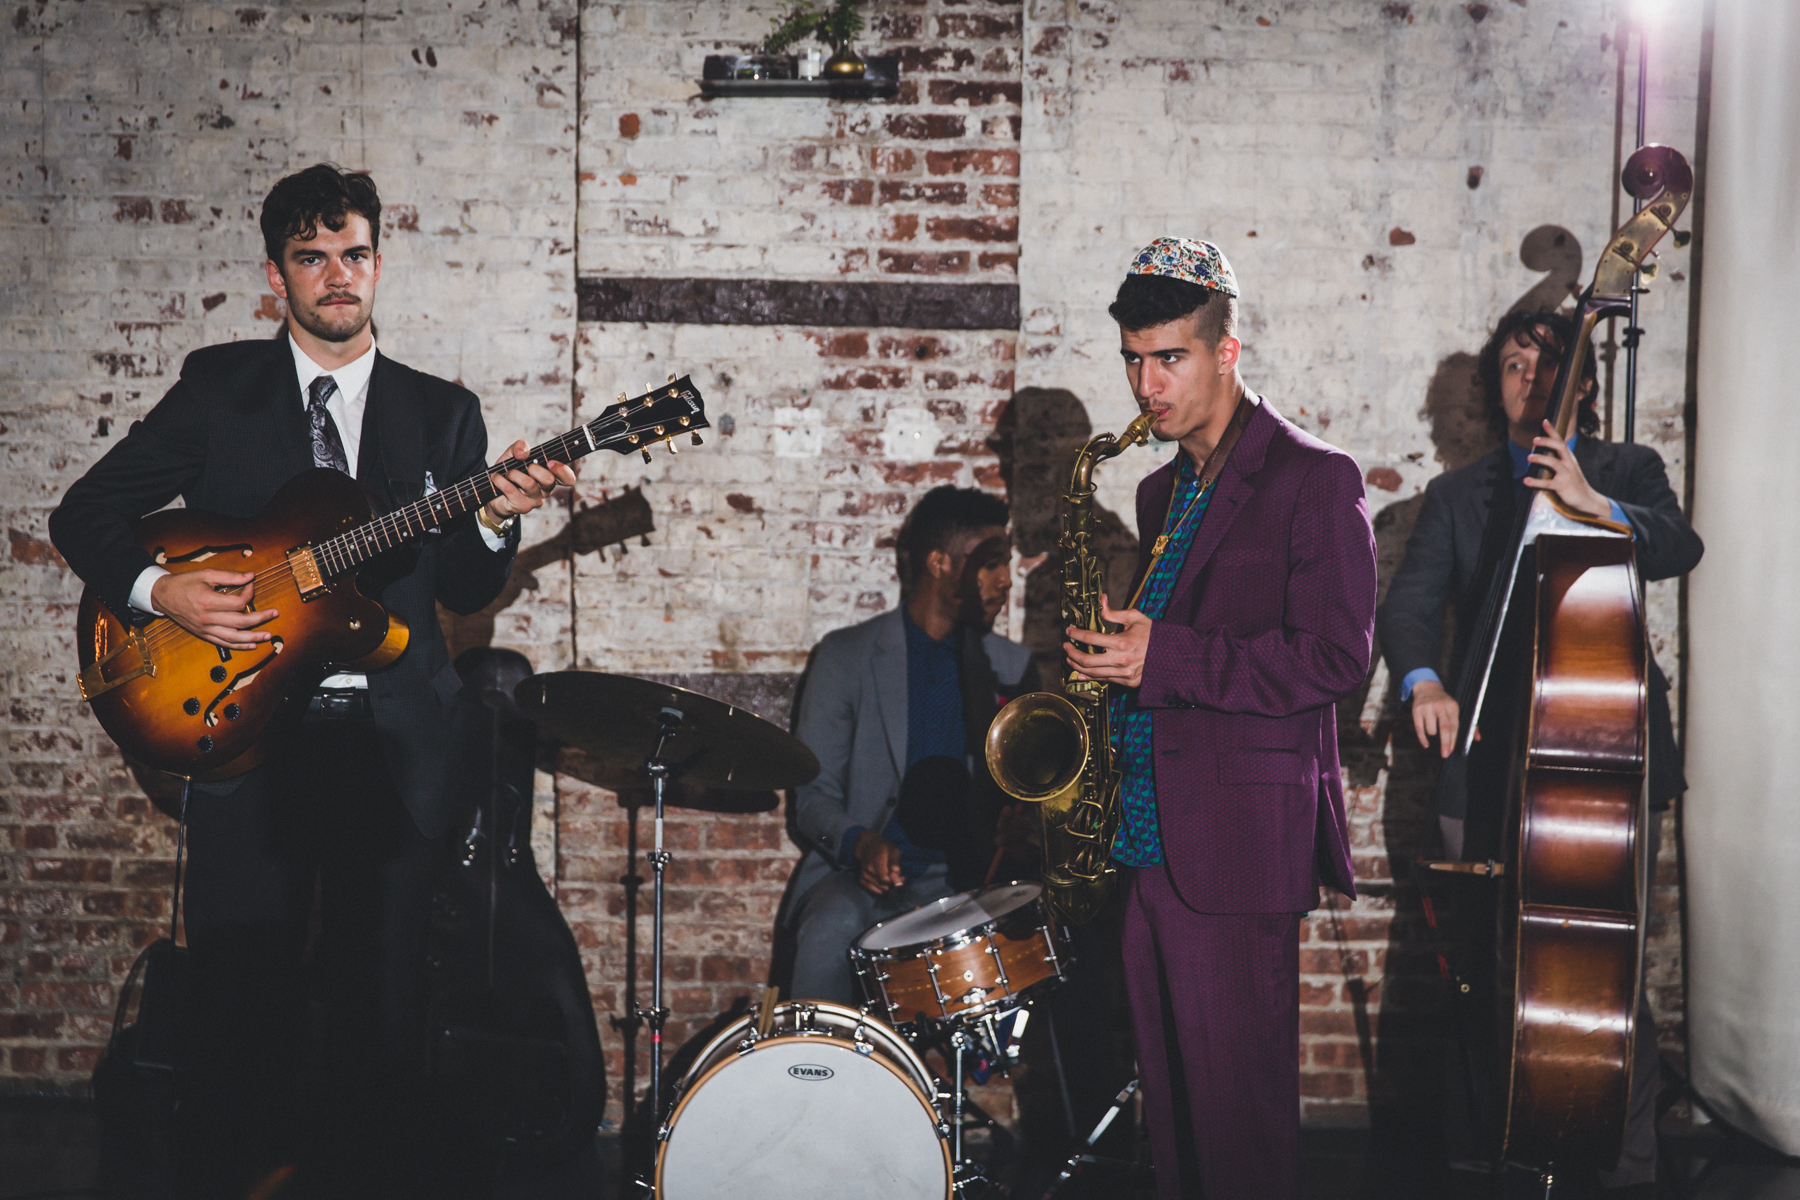 Wythe-Hotel-Green-Building-Brooklyn-Documentary-Wedding-Photography-108.jpg